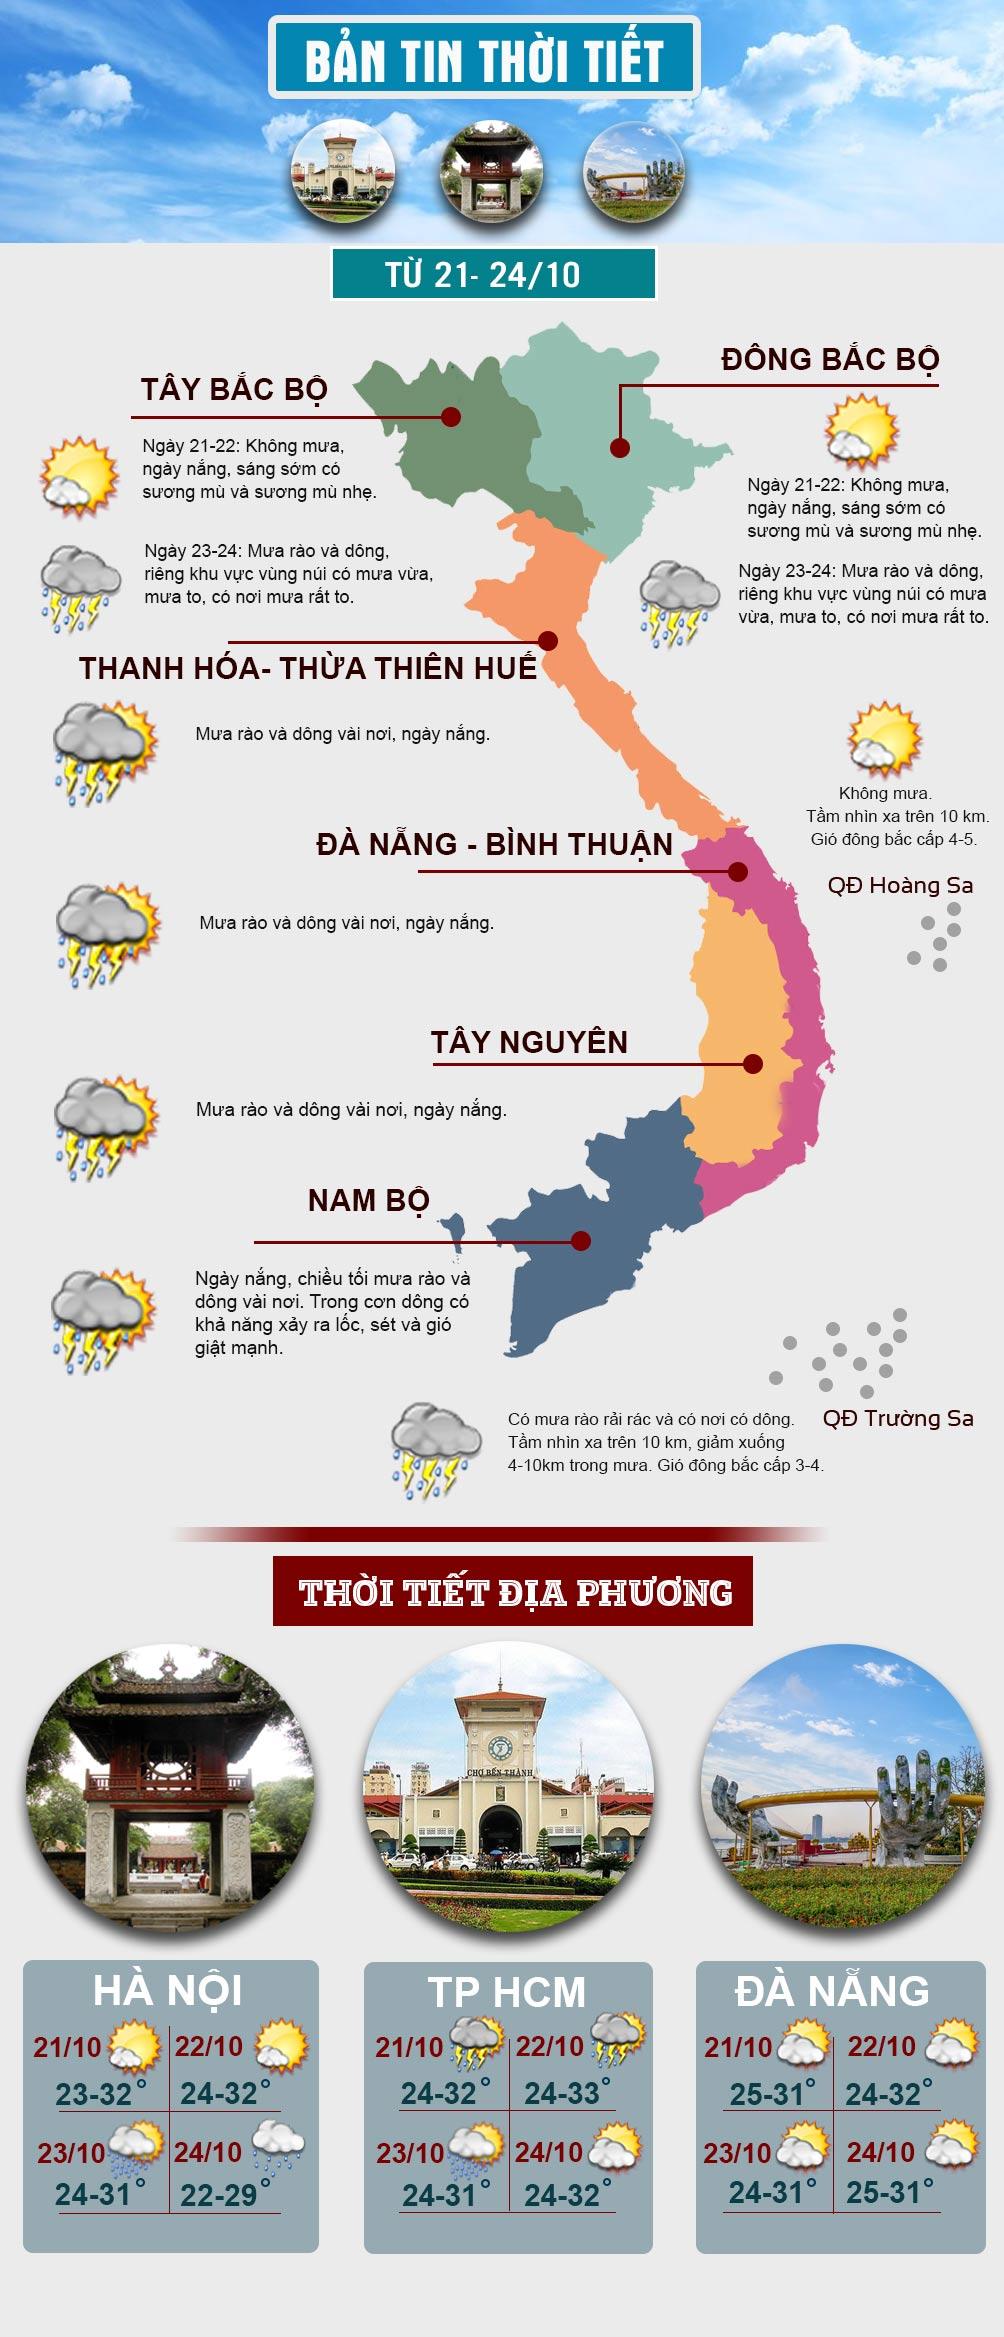 Đầu tuần, miền Bắc nắng hanh, miền Nam mưa dông về chiều tối